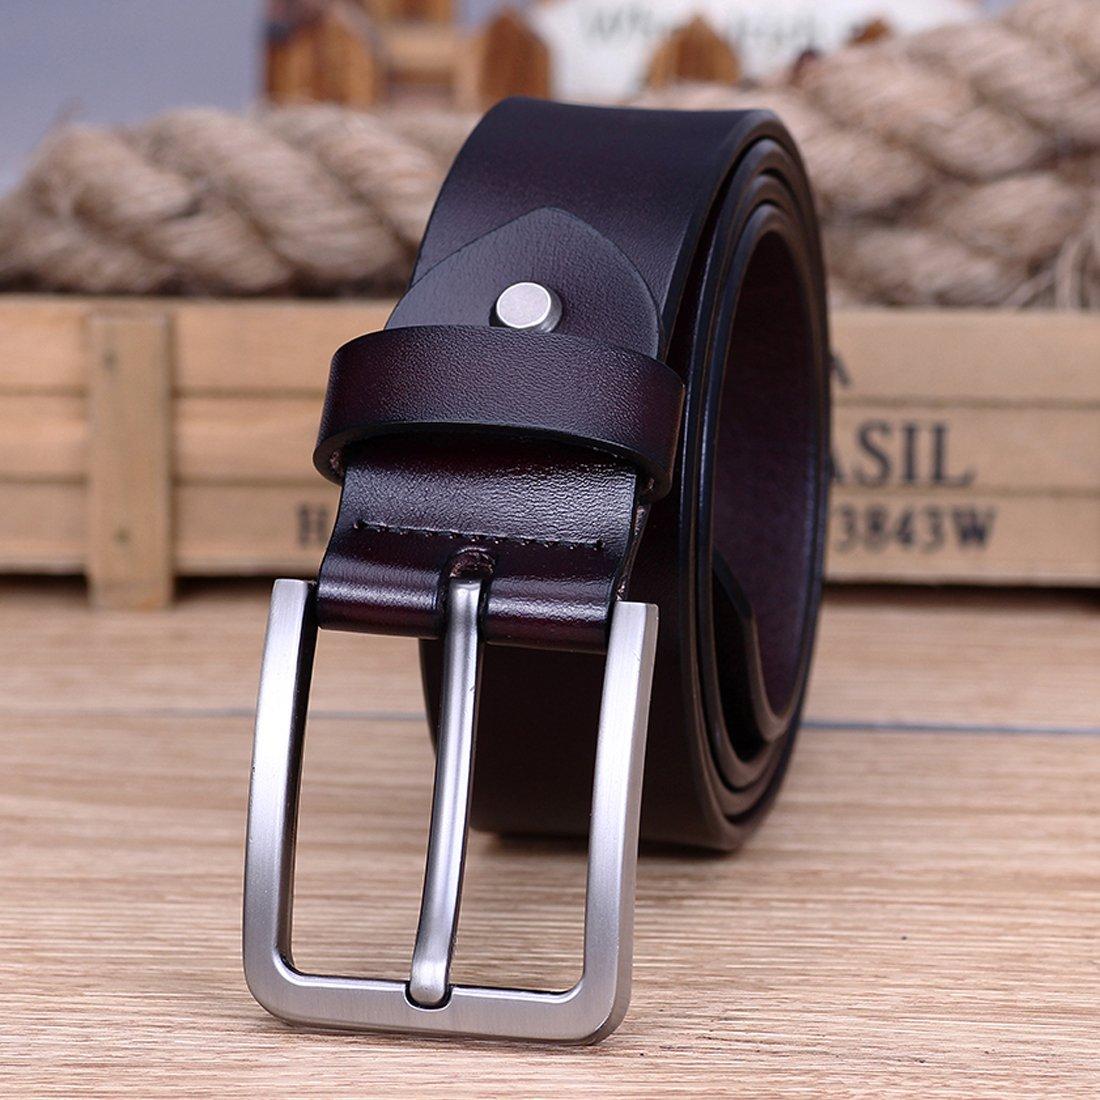 c2b6c03d1cd Modesty Ceinture pour homme en cuir avec boucle d ardillon ceinture exquis  ceinture chic(Brown) - PD001  Amazon.fr  Vêtements et accessoires